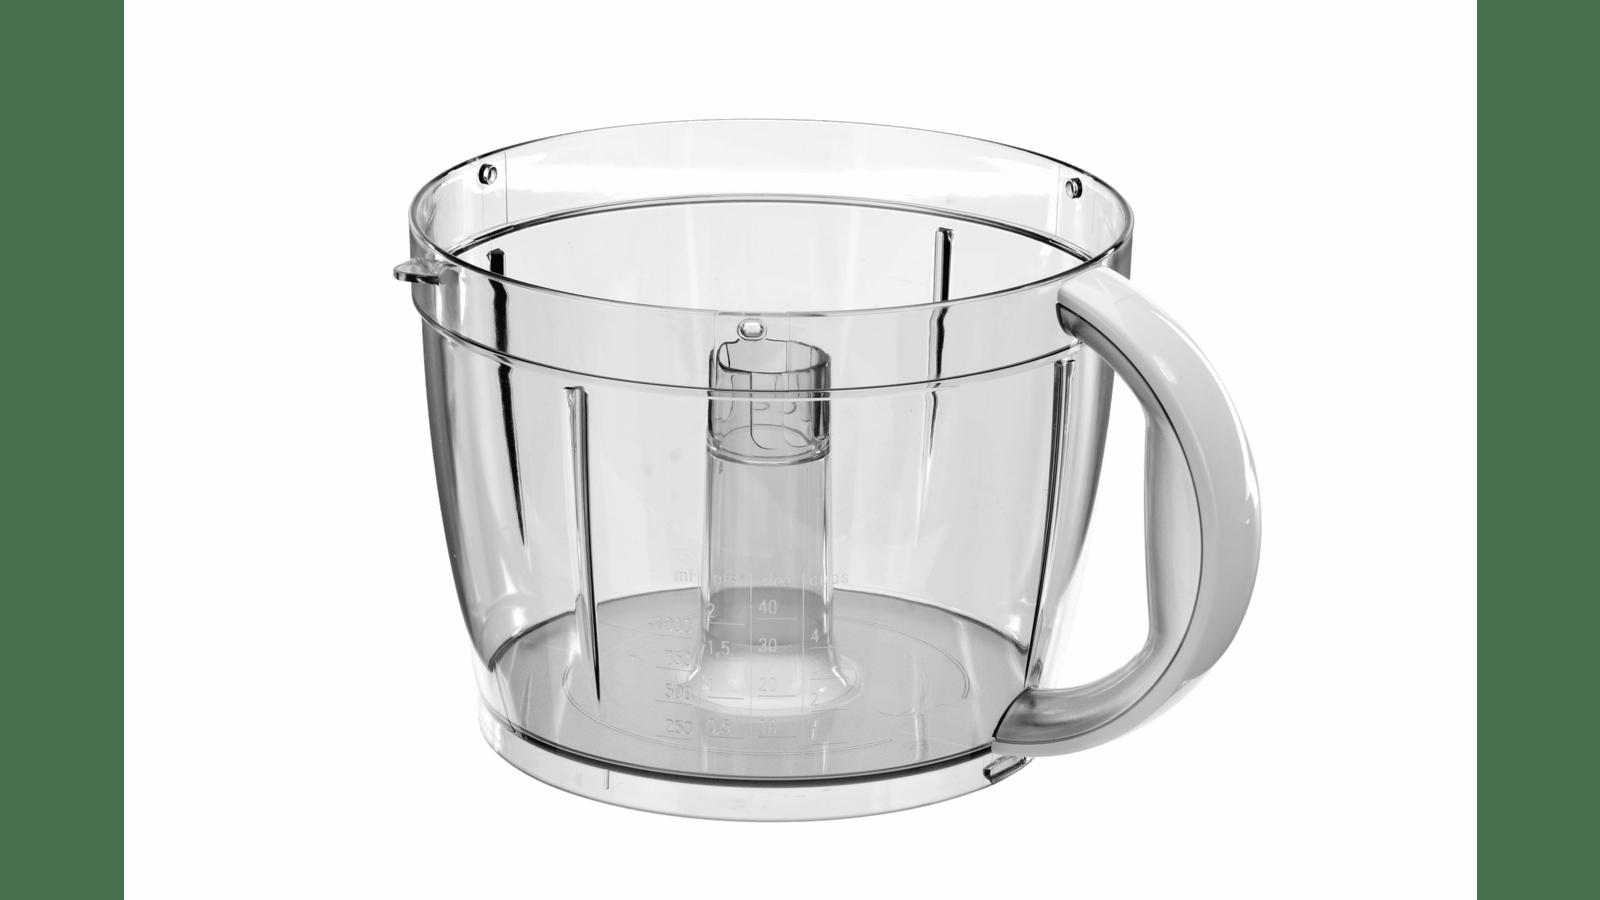 Rührschüssel BOSCH 00702186 Kunststoffschüssel für Küchenmaschine